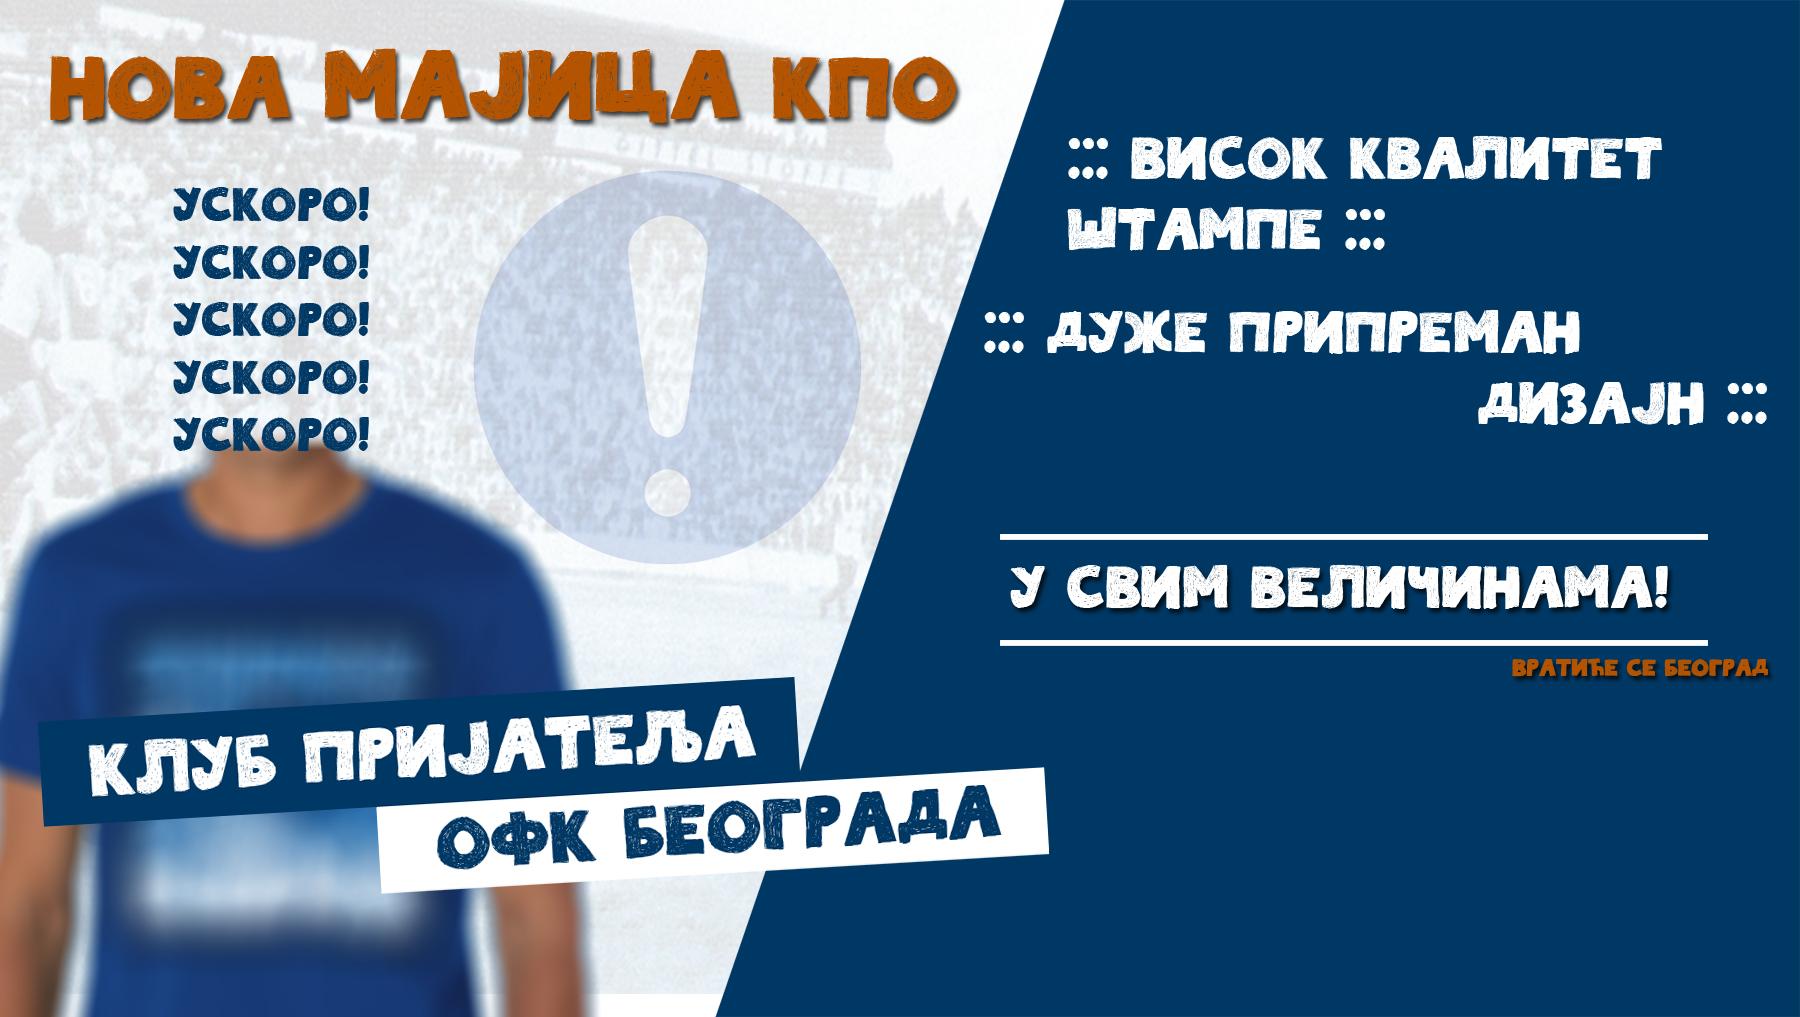 Нова мајица КПО – ускоро у продаји!